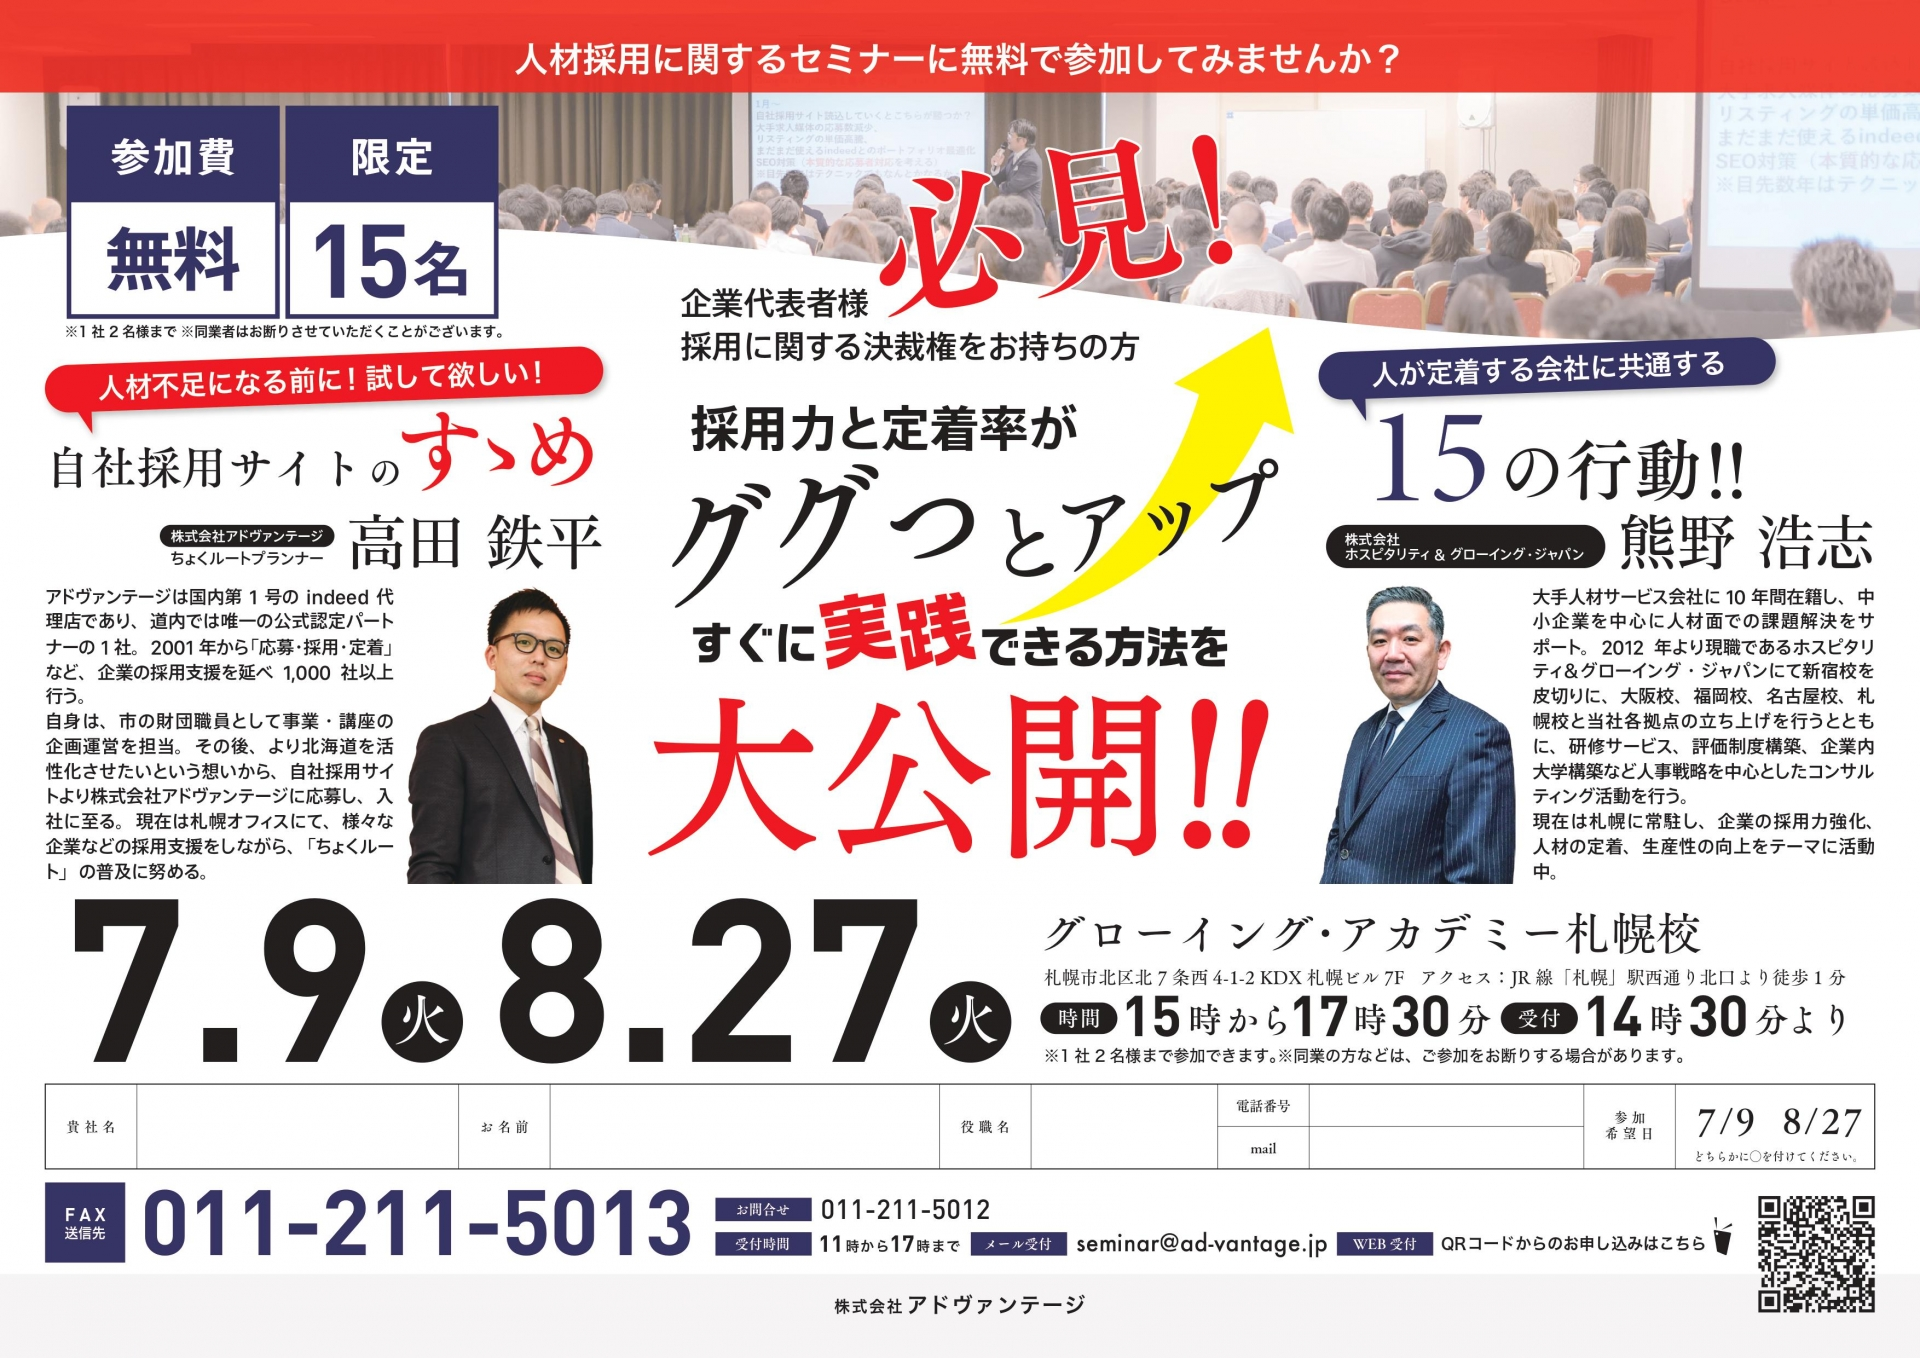 7/9&8/27開催 採用力と定着率がググっとアップ↑ すぐに実践できる方法を大公開!!